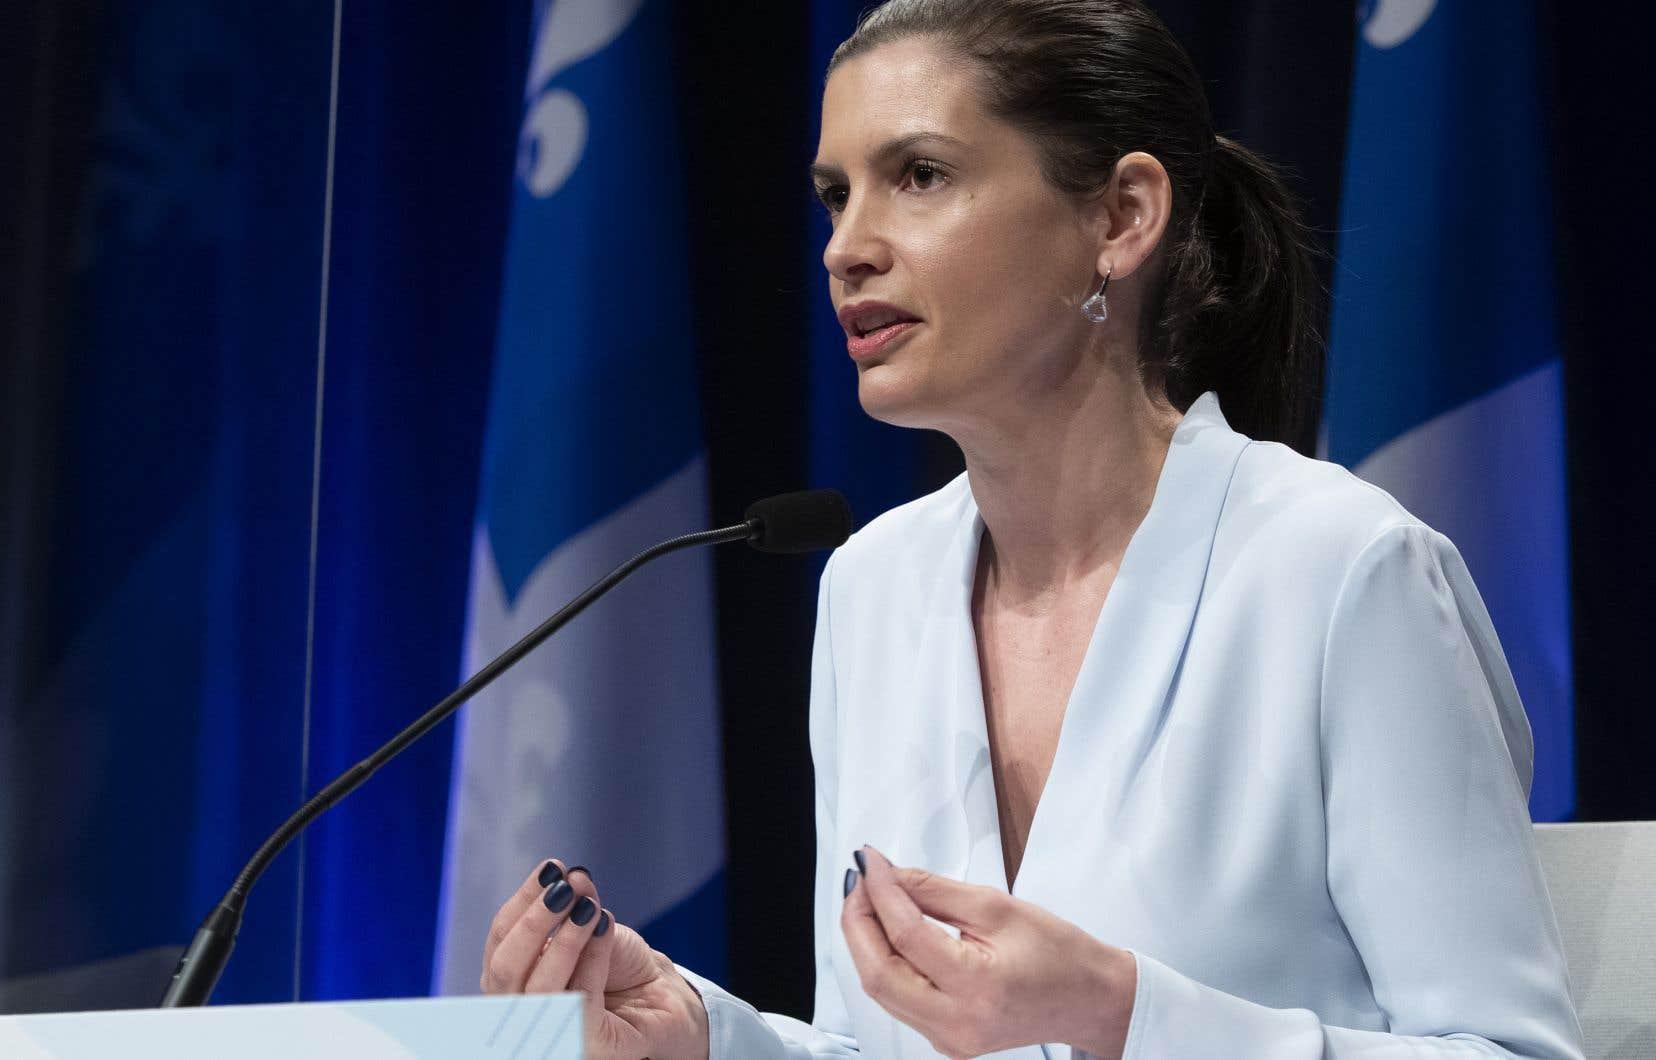 Geneviève Guilbault a fait valoir qu'avec la montée de la prédation sexuelle, de l'exploitation sexuelle, du leurre d'enfants et de la distribution d'images intimes, «pour nous c'était une évidence qu'il fallait agir là-dessus».